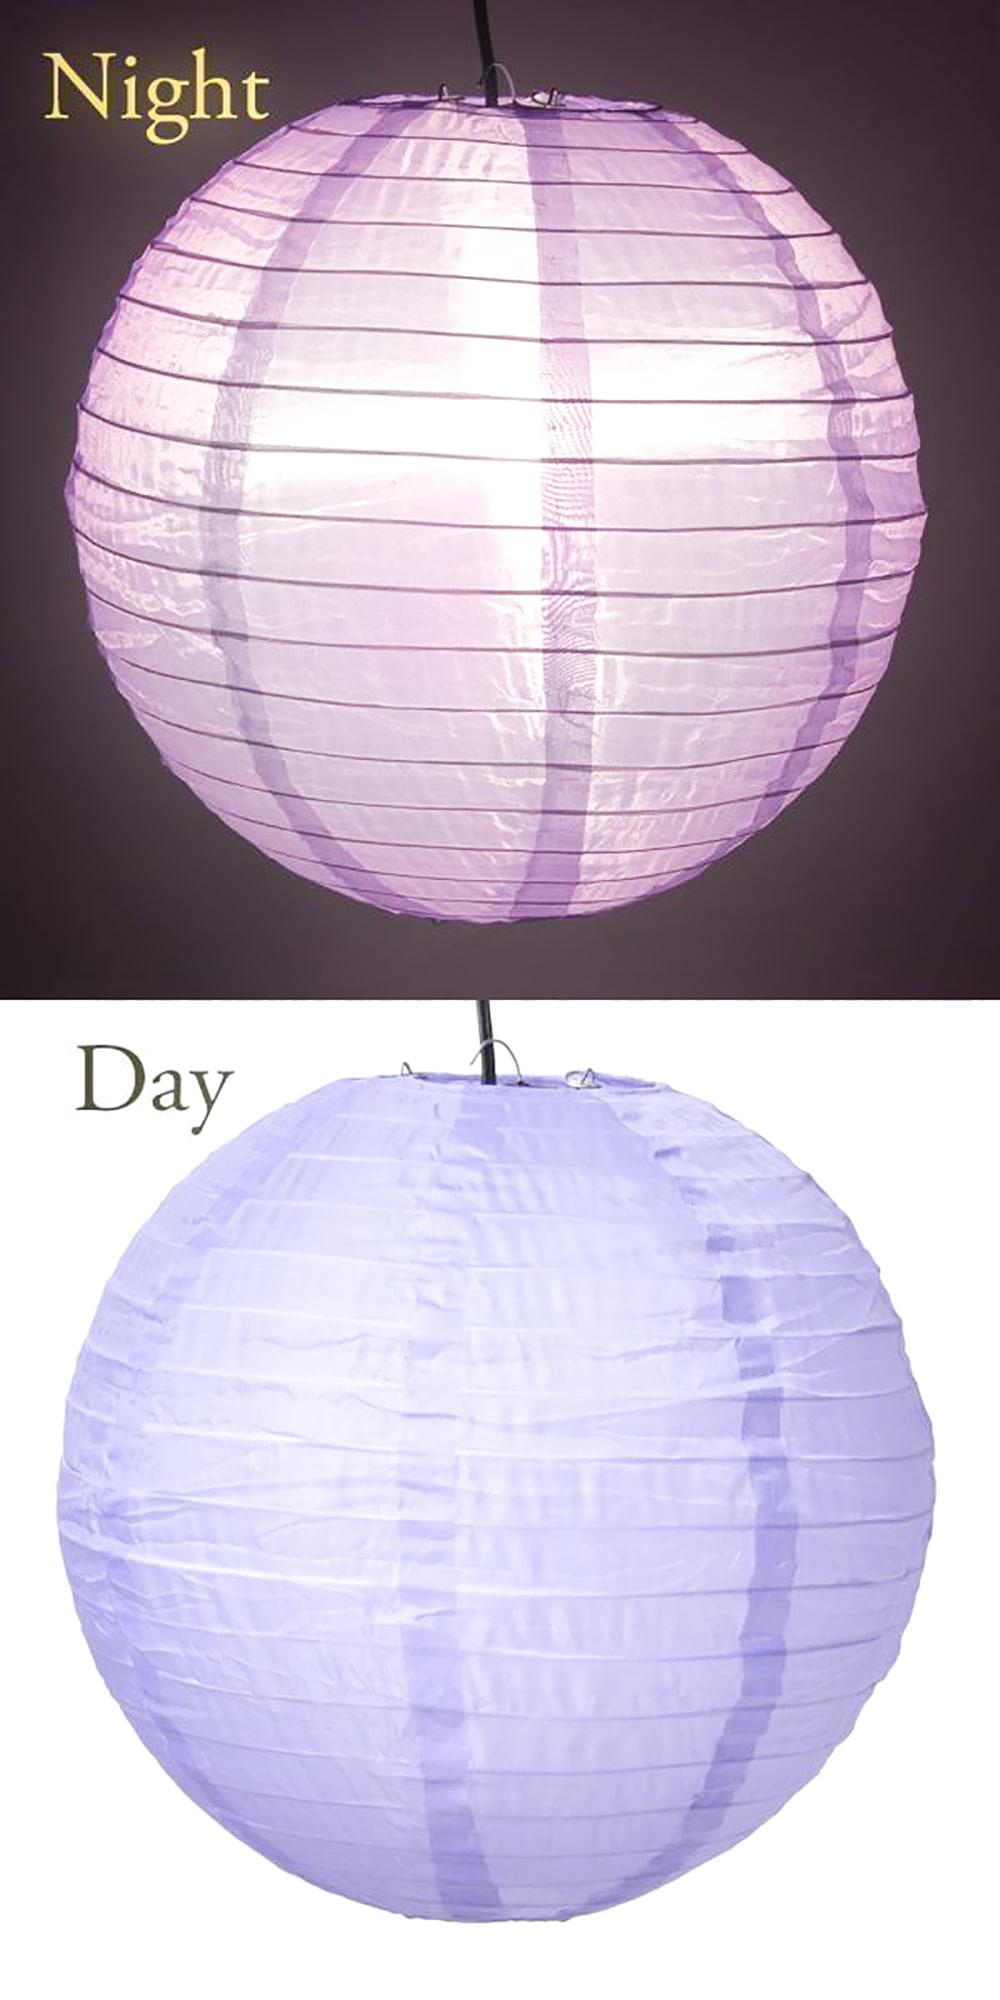 【8色展開】ベトナムのカラフル提灯・ランタン - 丸型 直径30cm 4 - 3:薄紫